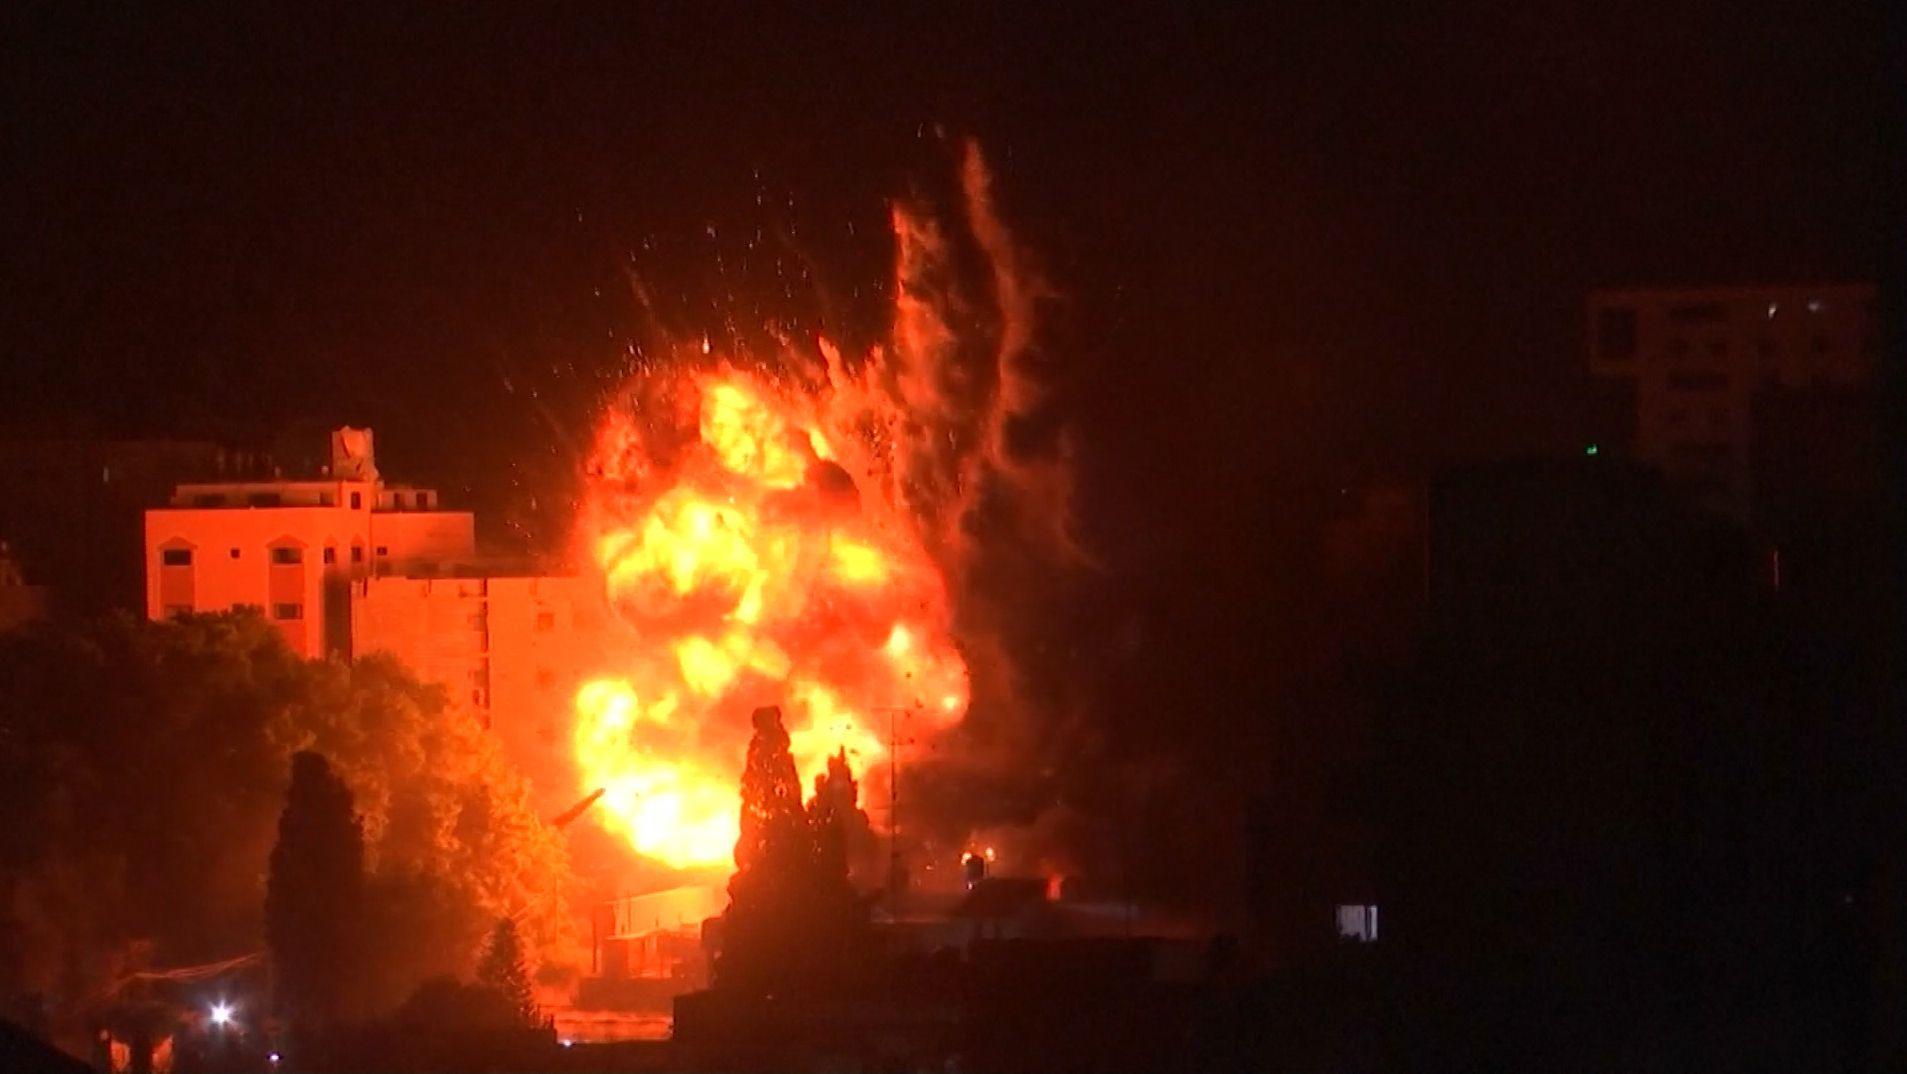 Militante Palästinenser feuerten hunderte Raketen auf israelische Ortschaften ab. Israels Luftwaffe antwortete mit Vergeltungsschlägen.